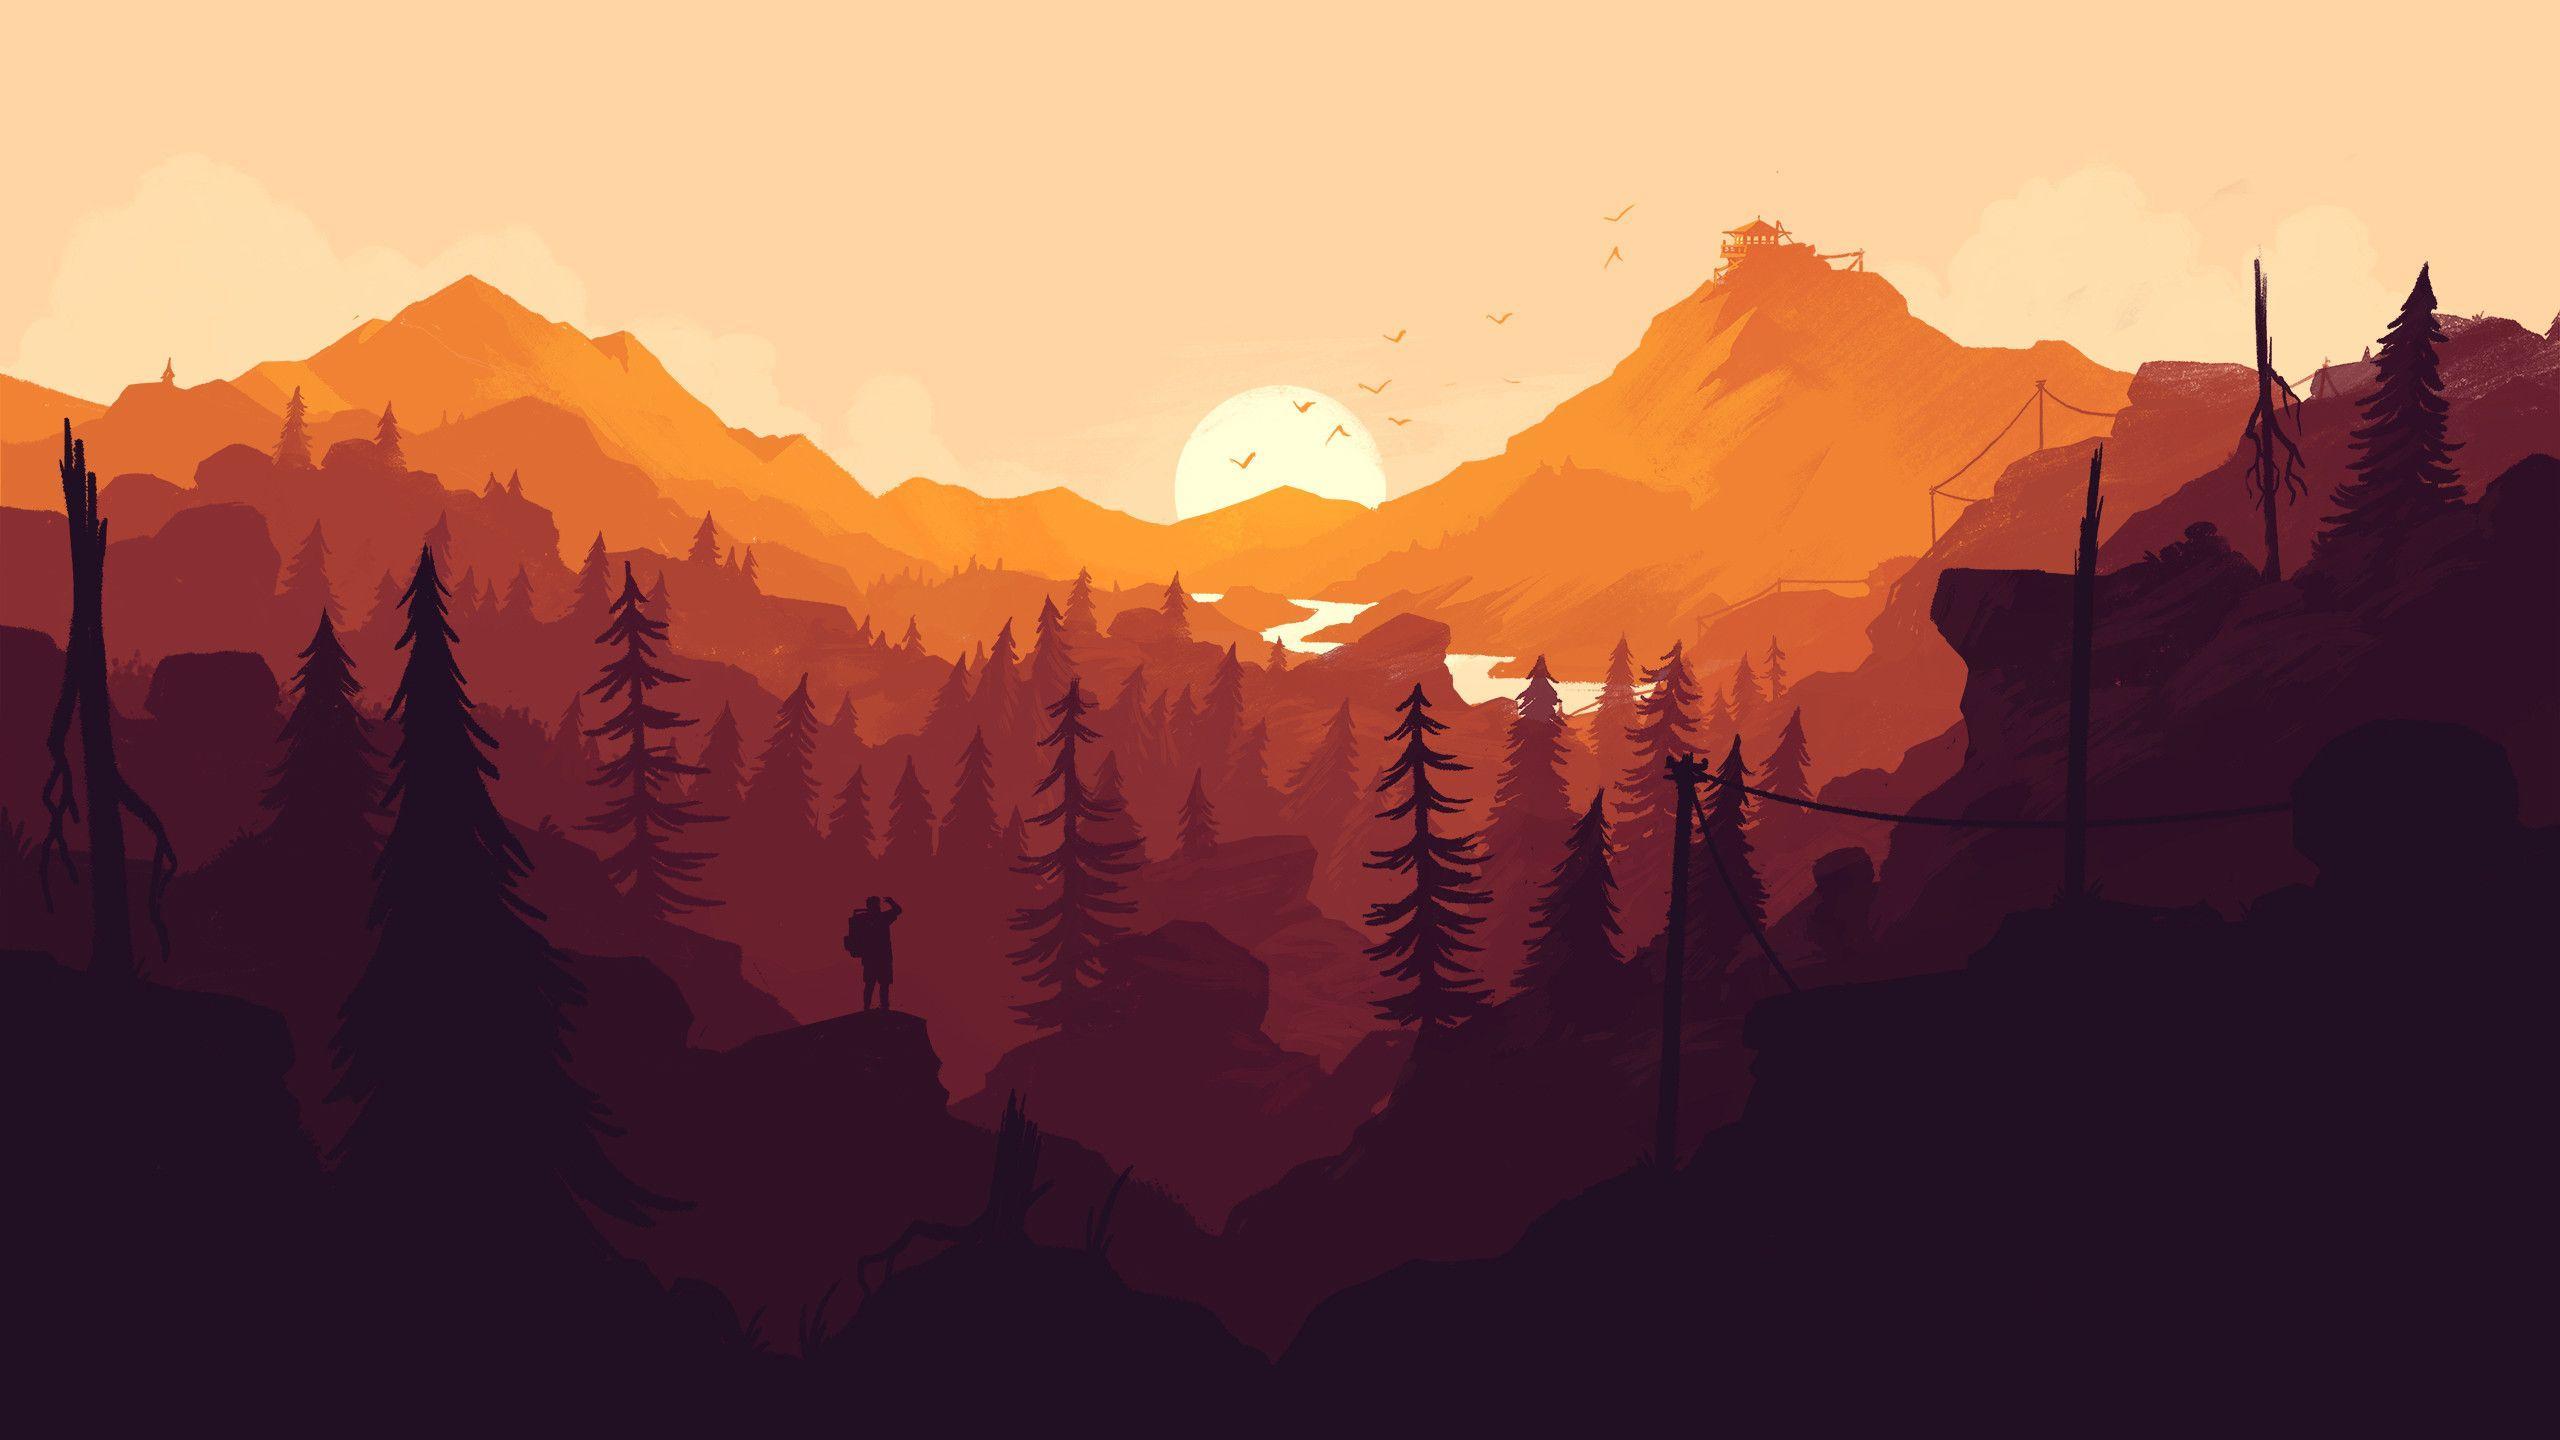 Indie Aesthetic Desktop Wallpapers Top Free Indie Aesthetic Desktop Backgrounds Wallpaperaccess